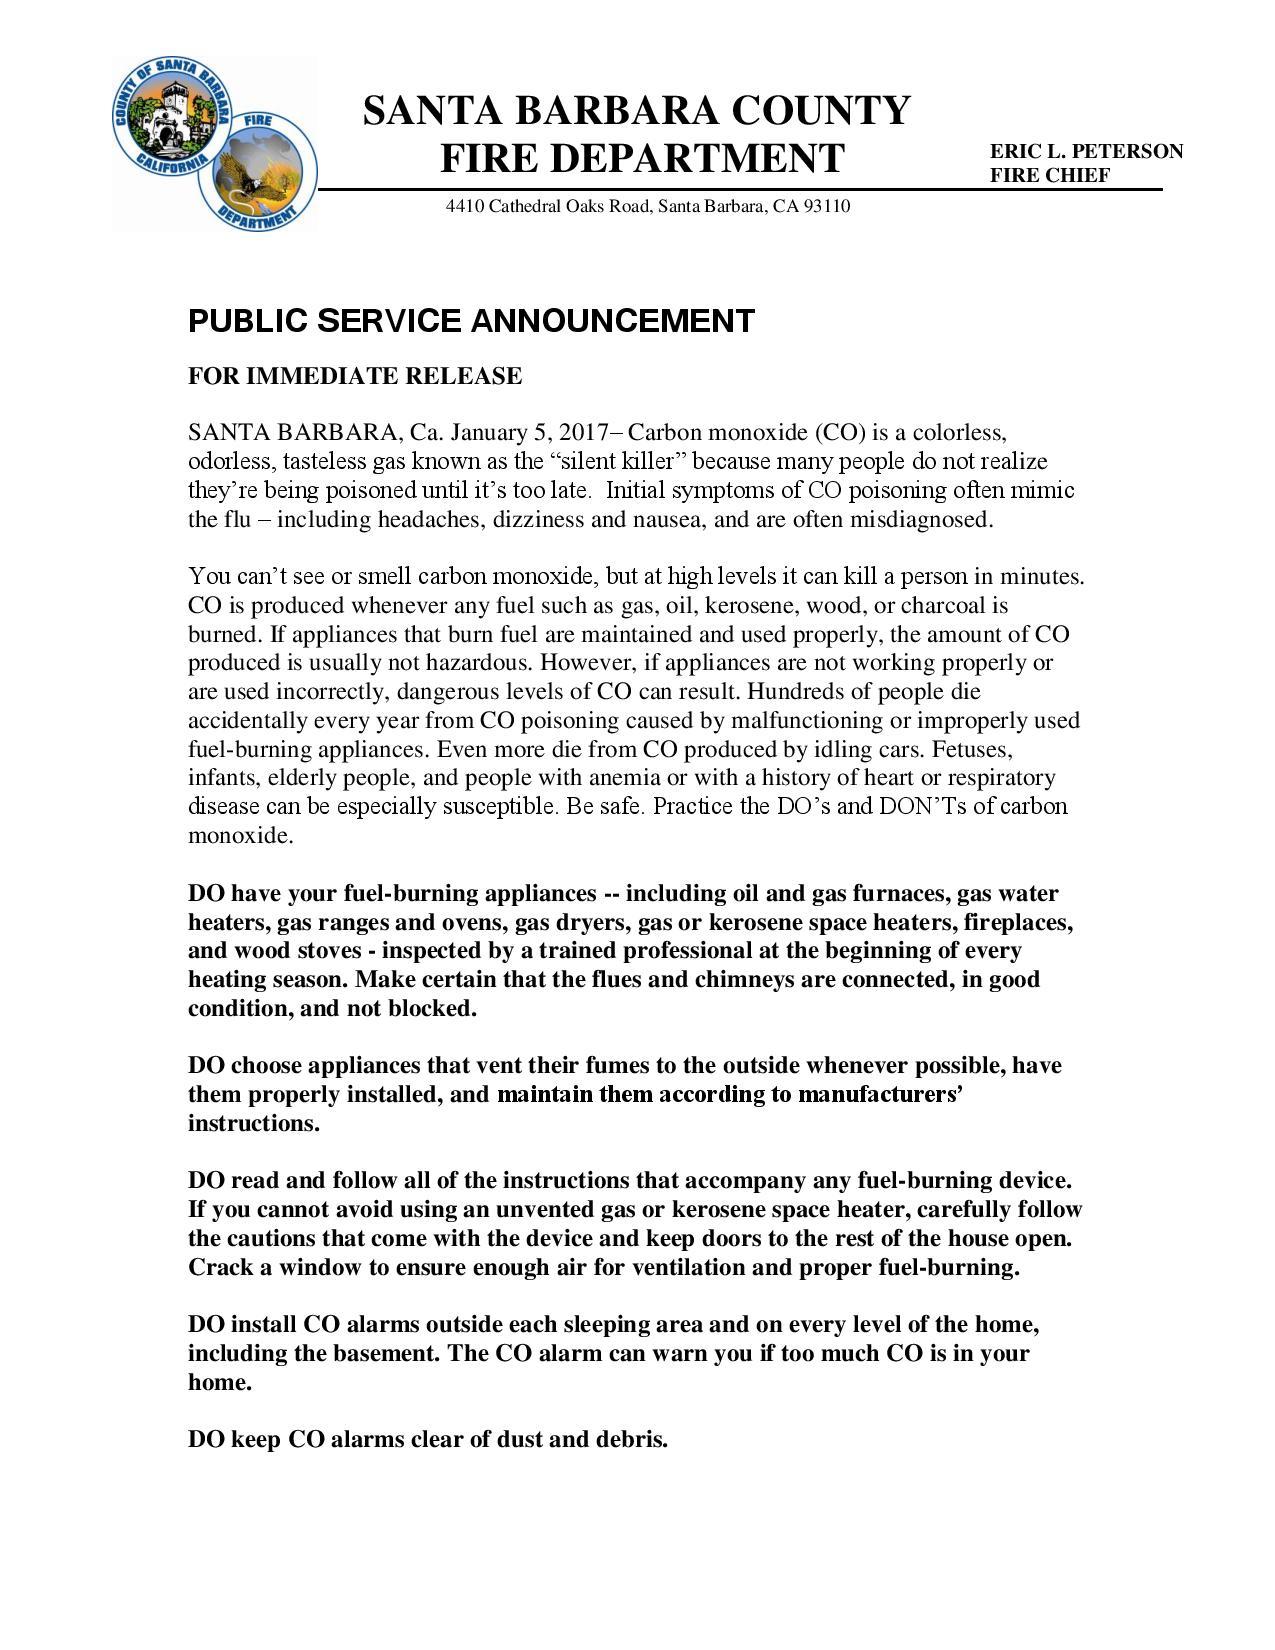 PSA Carbon Monoxide Alarms-pg1